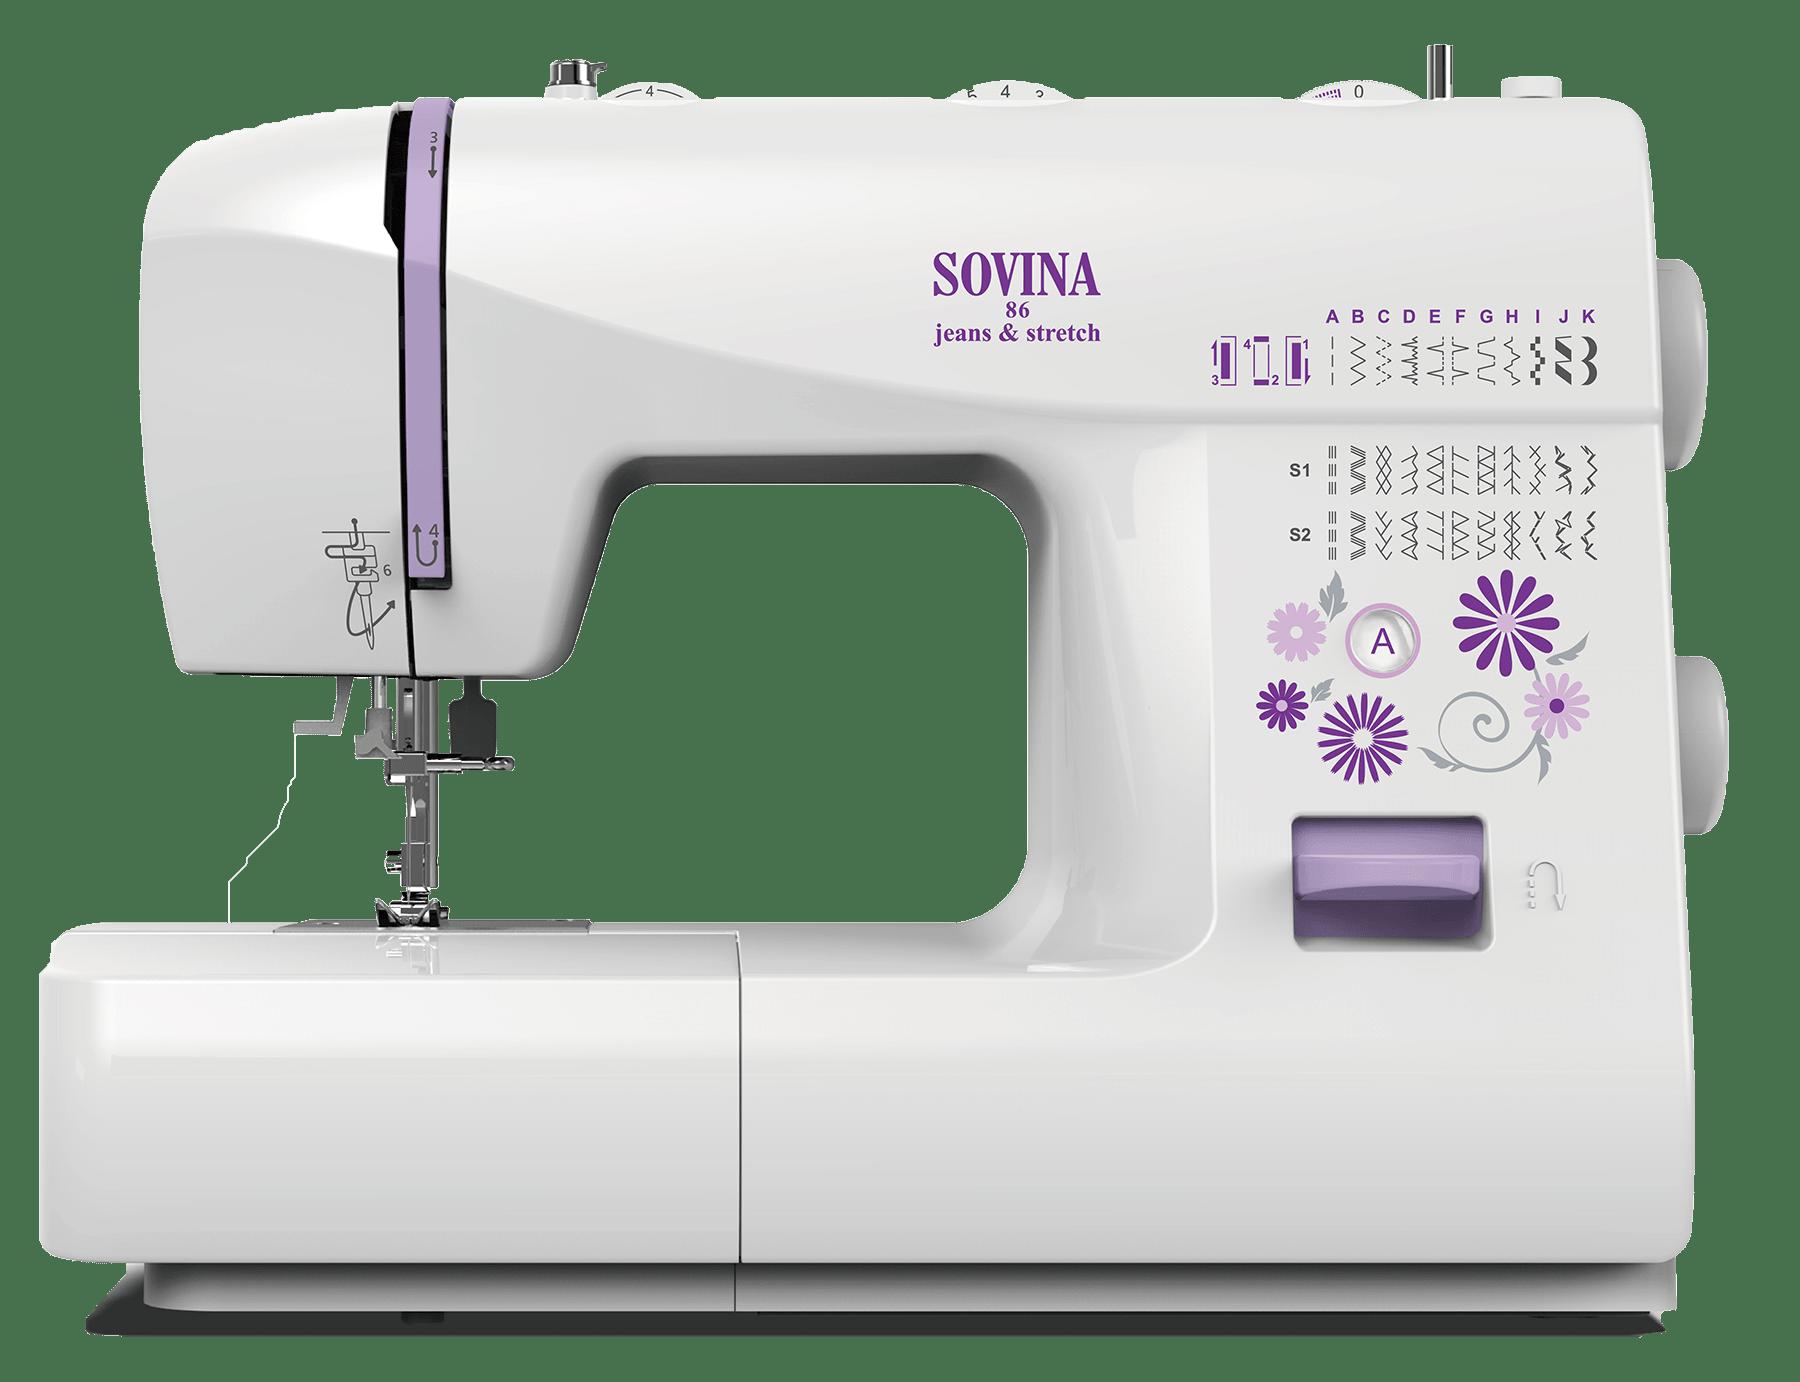 פוגלר - מרכז מכונות תפירה בישראל